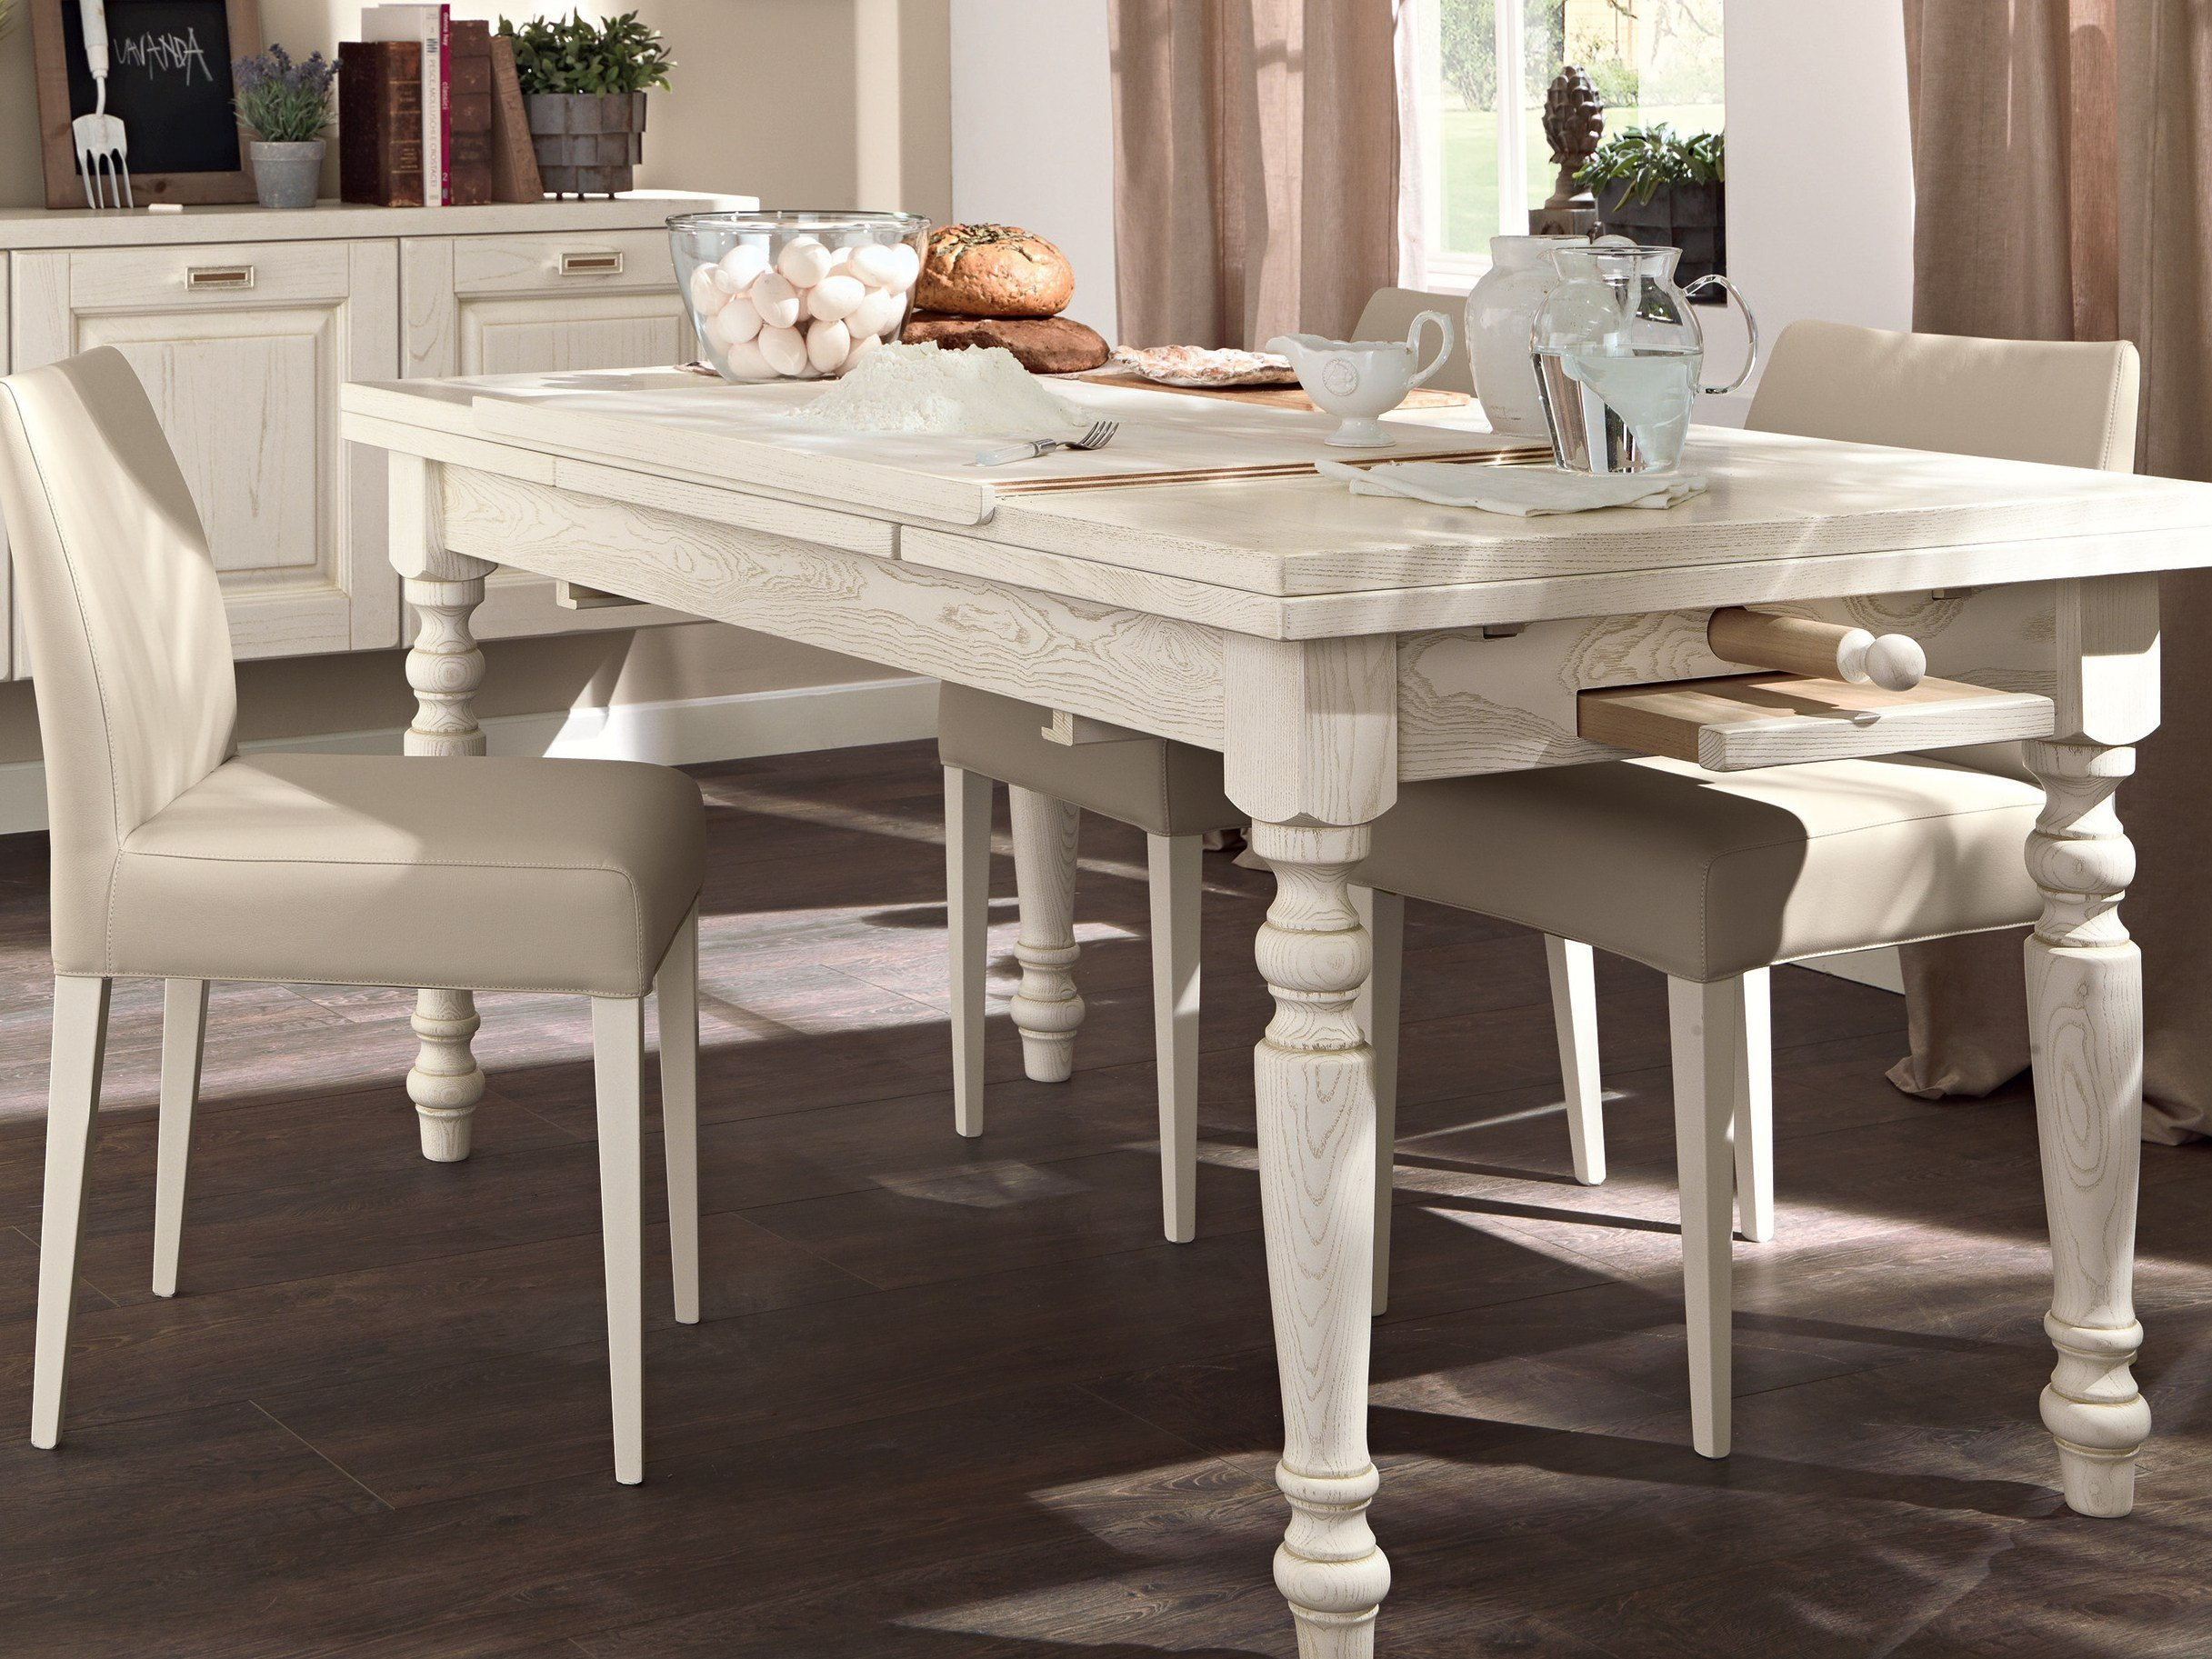 Tavolo allungabile da cucina in legno vecchia toscana by for Cerco tavolo da cucina allungabile